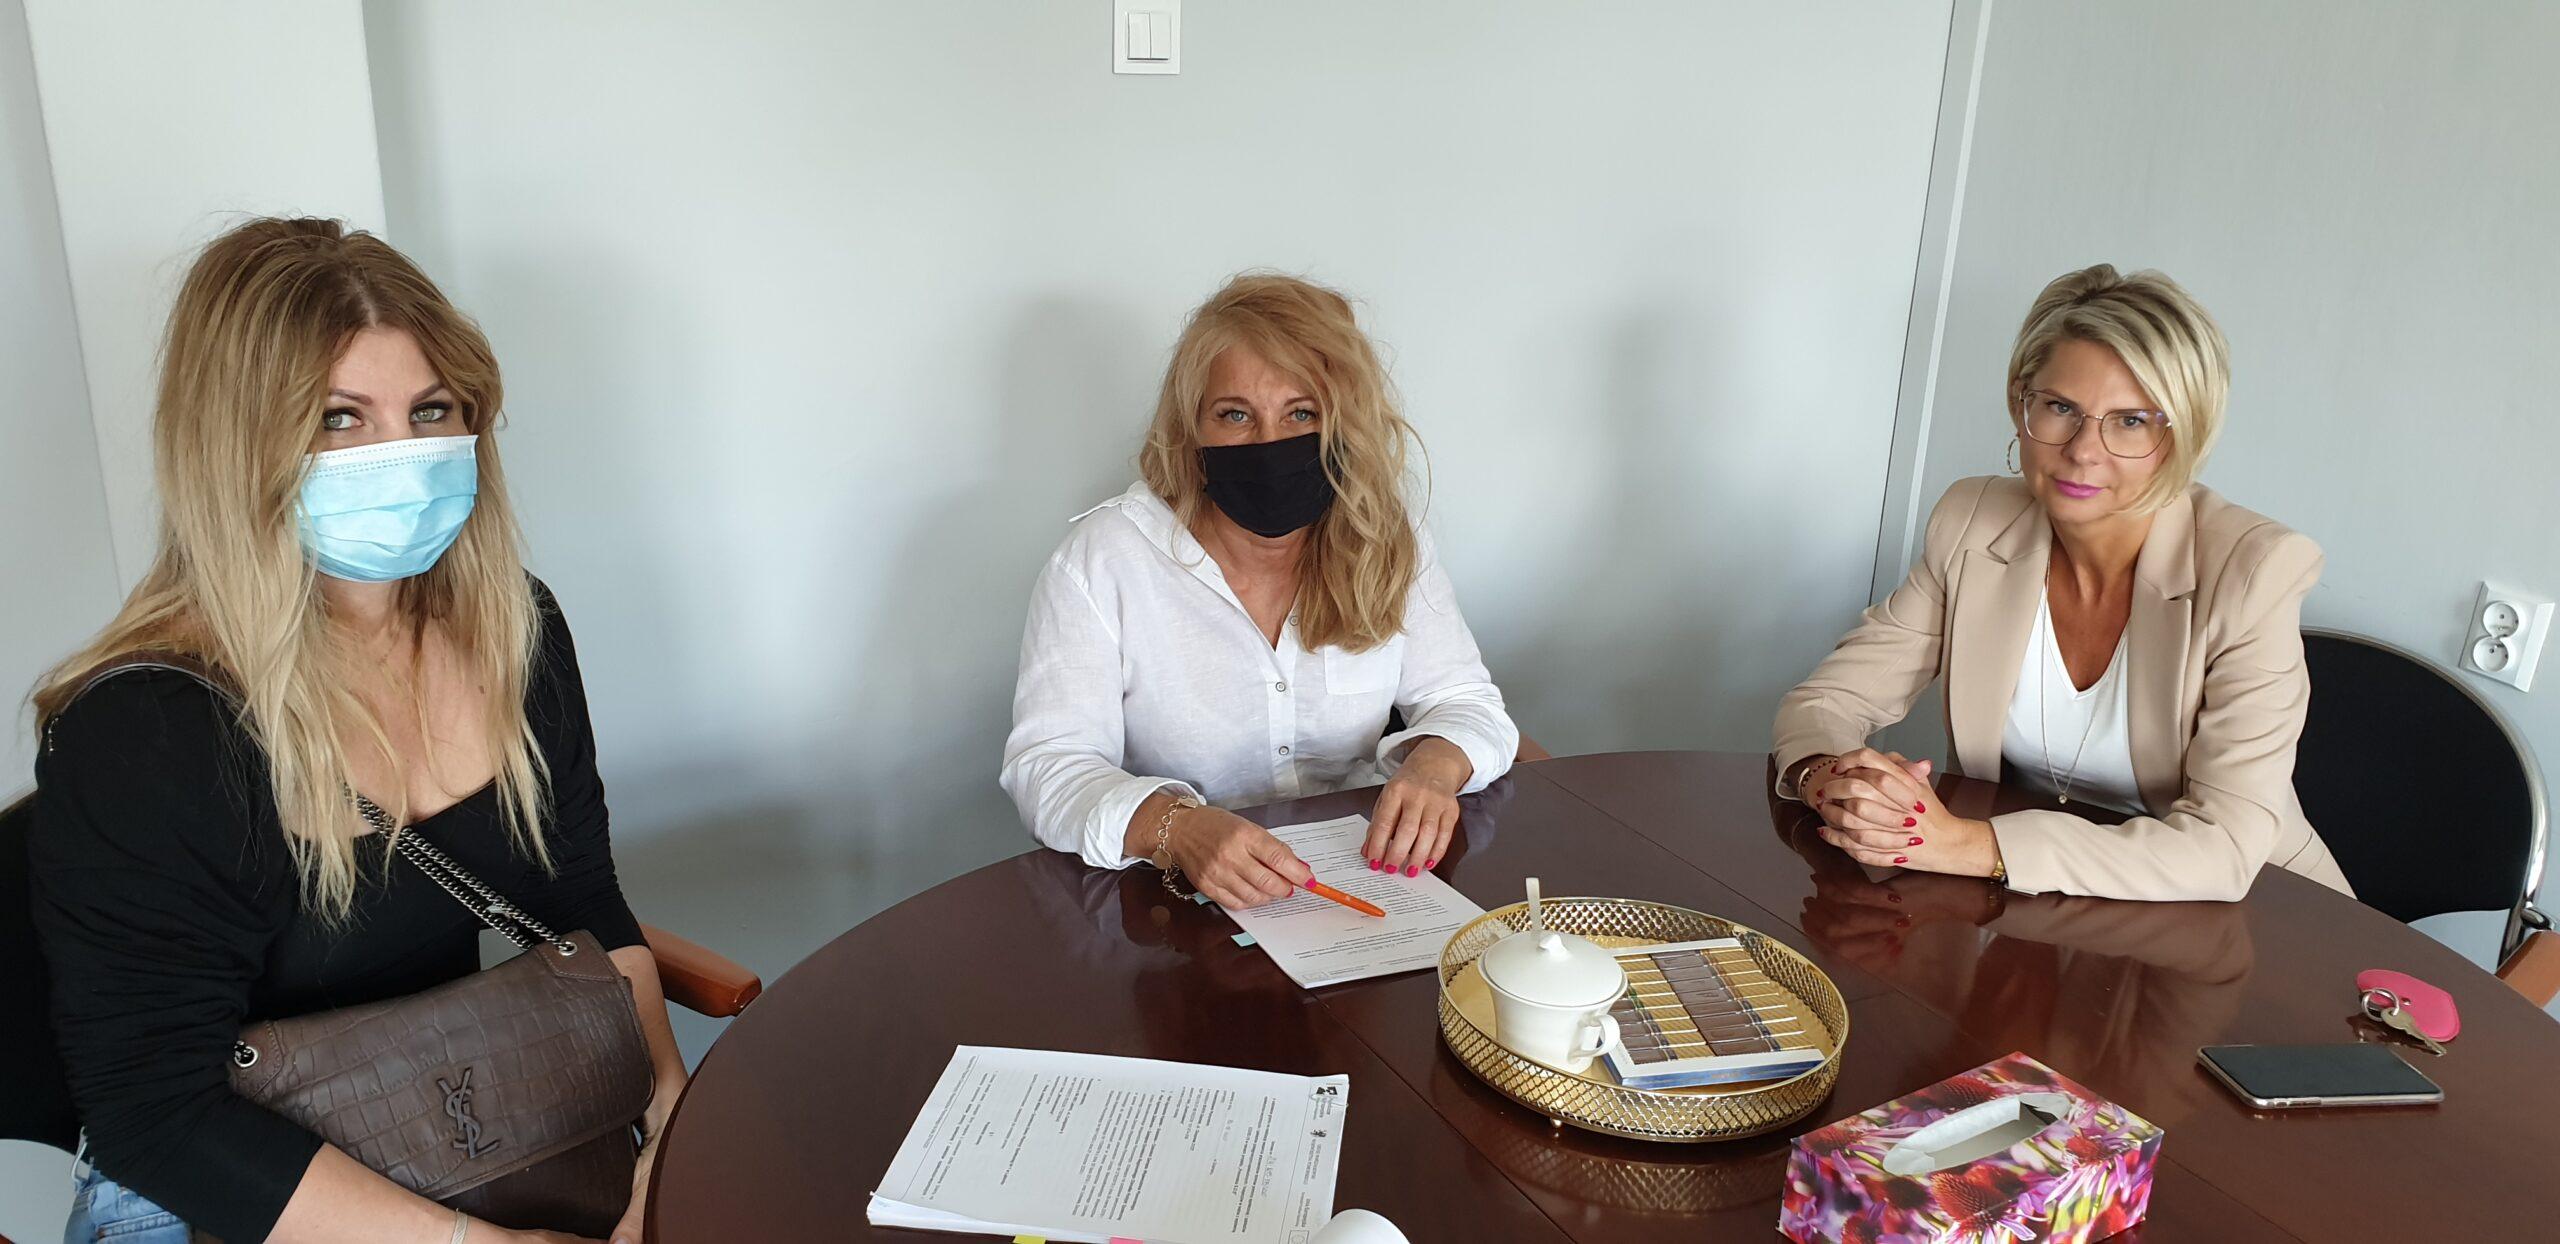 Pomoc dla Domu Pomocy Społecznej Nr 1 w Lęborku w związku z COVID-19 [Pomorskie S.O.S]